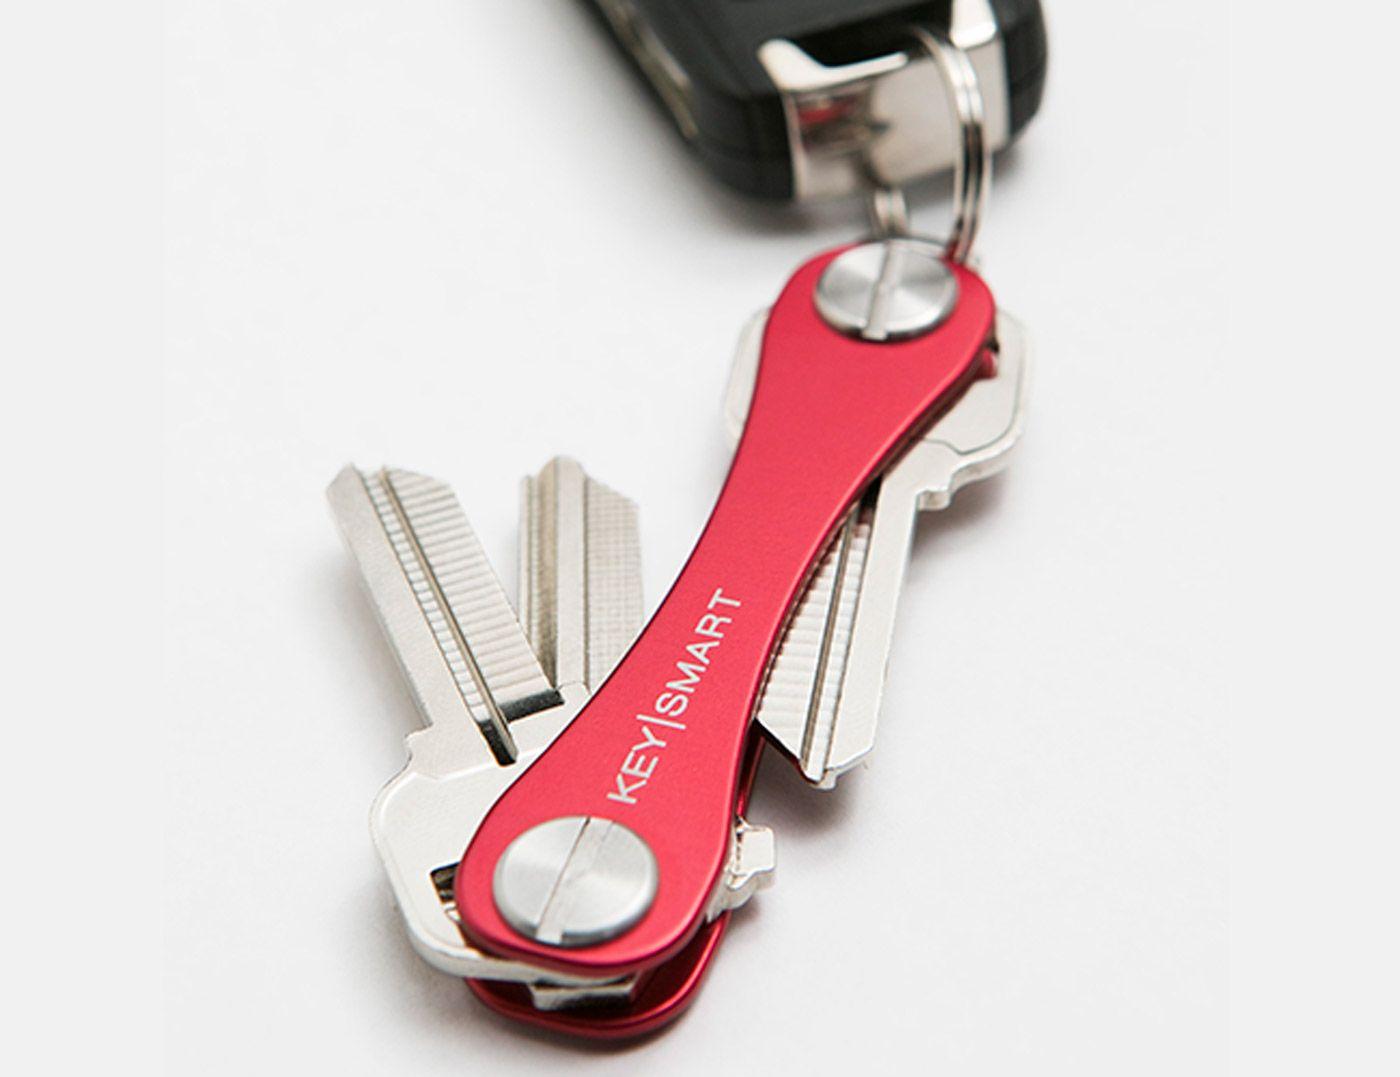 Buy KeySmart Premium Pocket Key Organizers & Key Holders